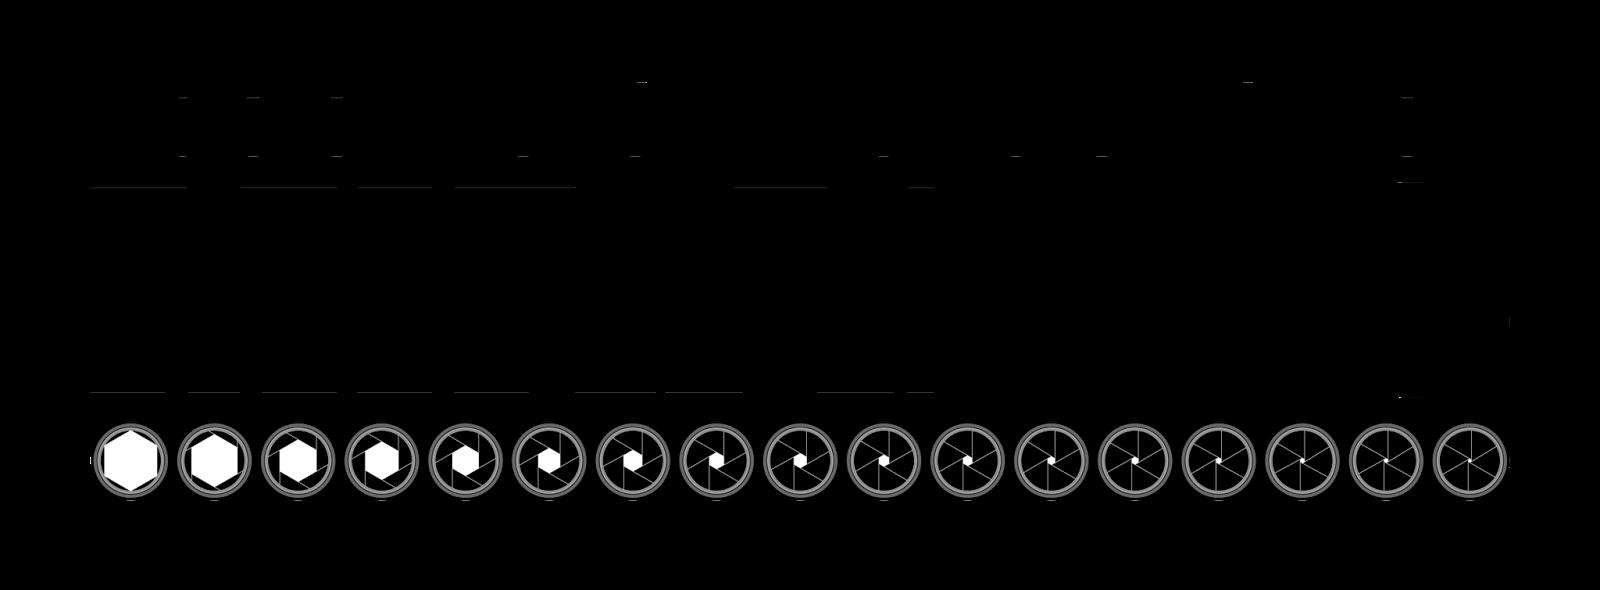 Logotipo Asociación Fotográfica Miradas